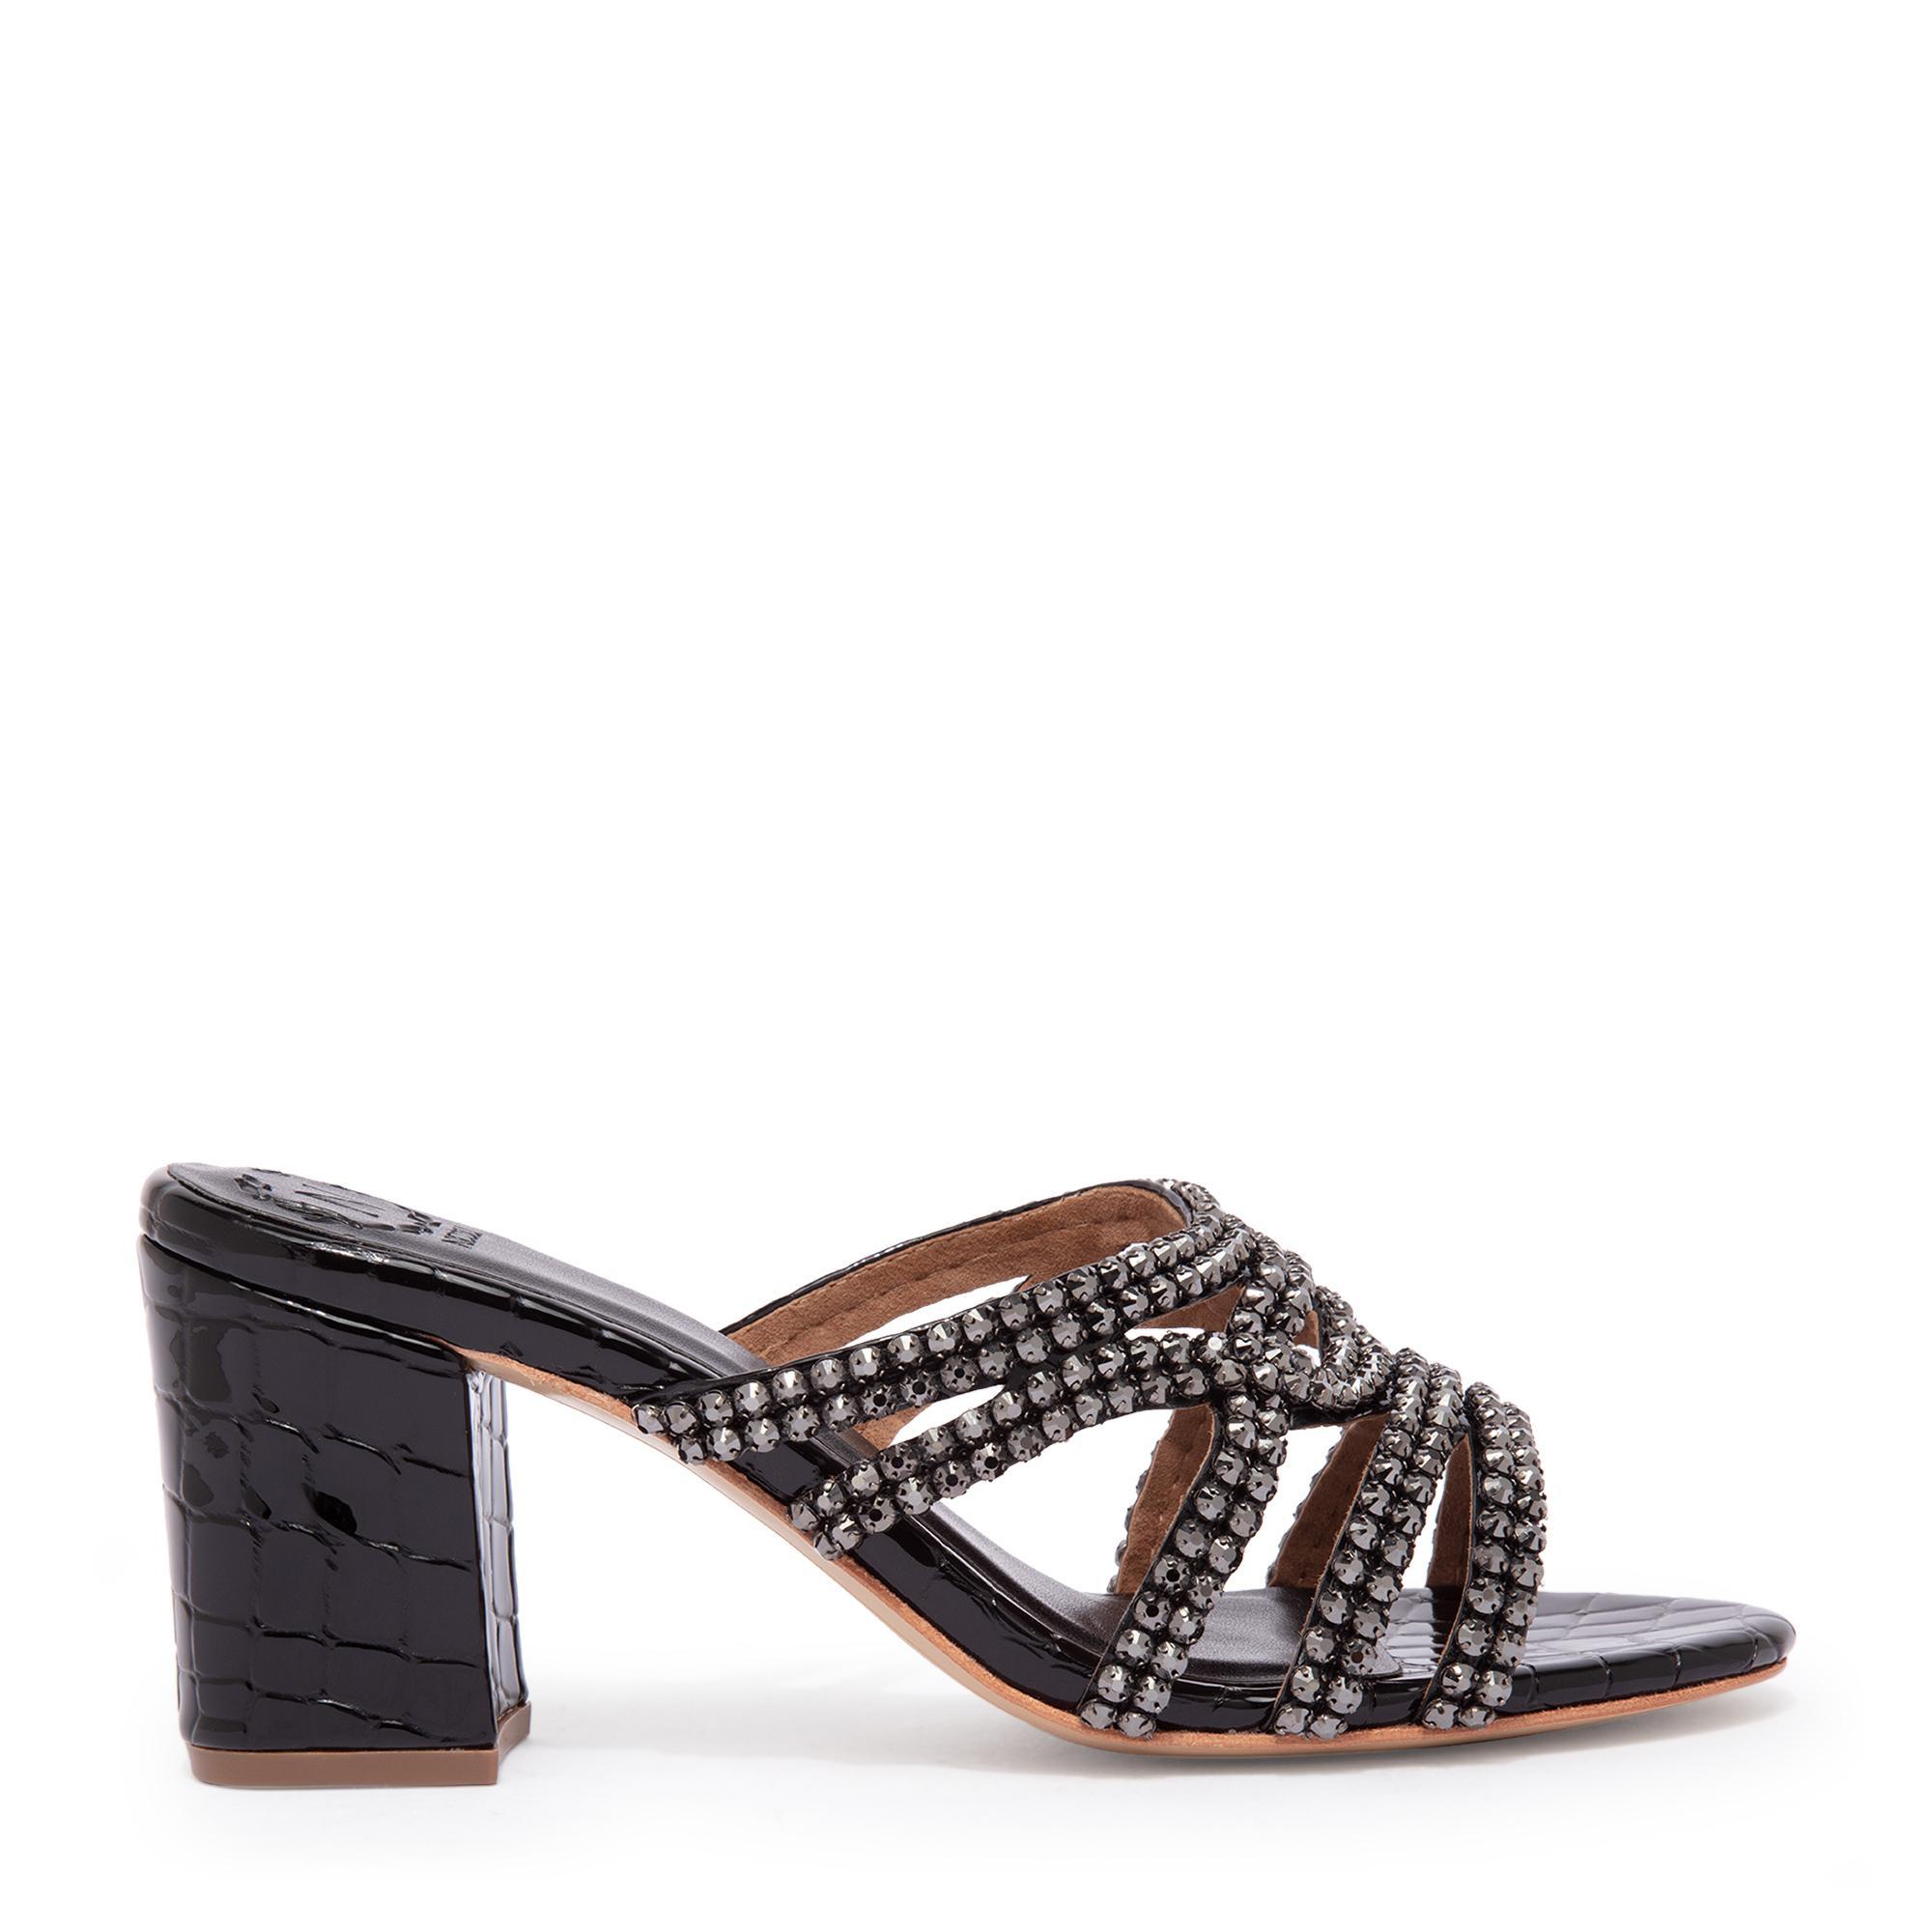 Delroy sandals